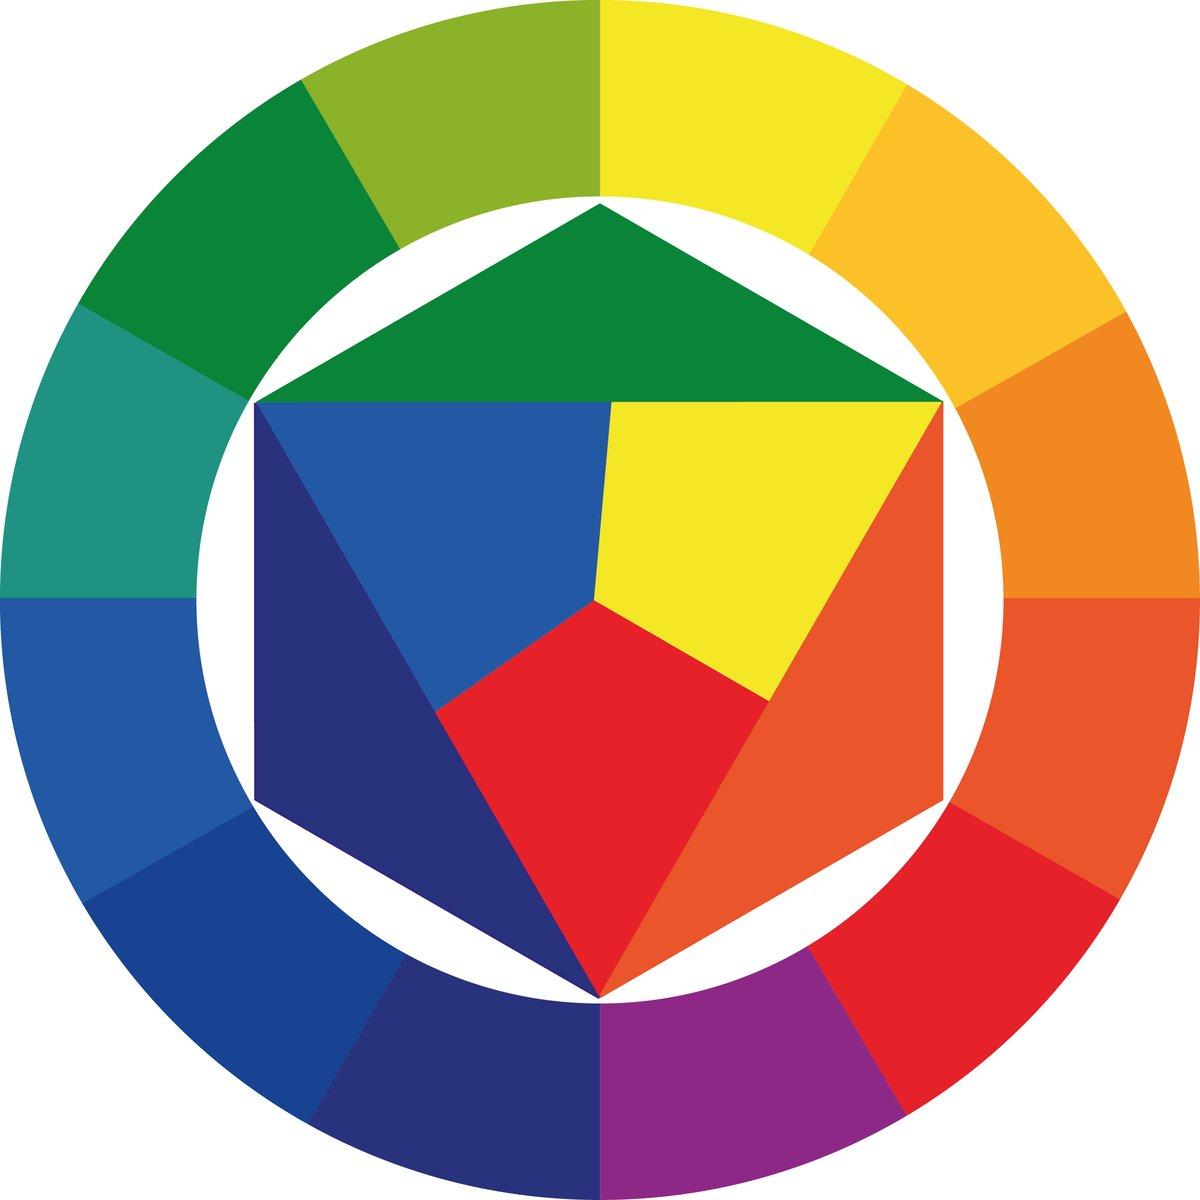 Colori Che Stanno Bene Insieme abbinamenti di colori: le regole da seguire per non sbagliare